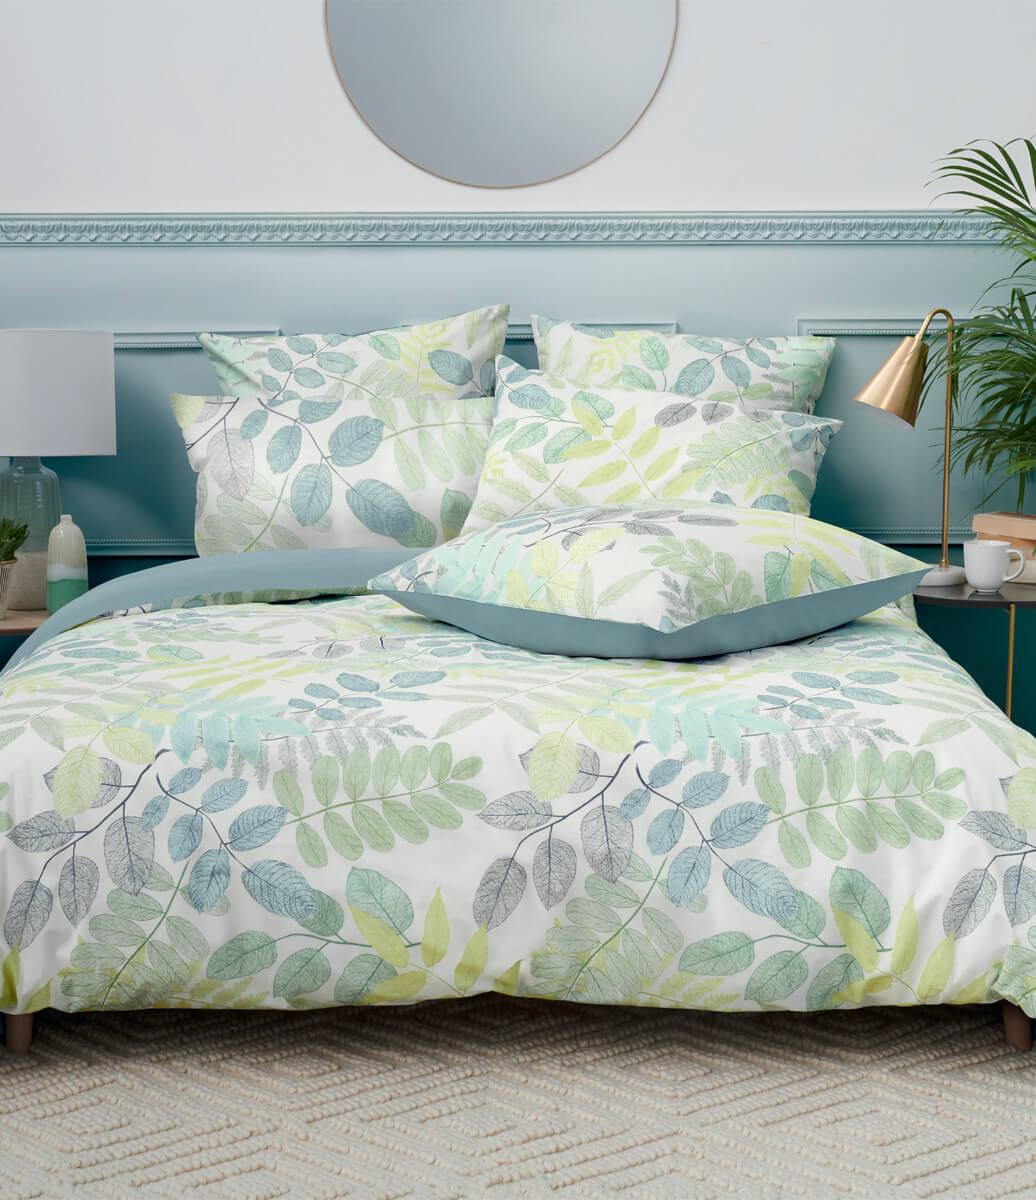 Le linge de lit fantaisie, parures de lit fantaisies